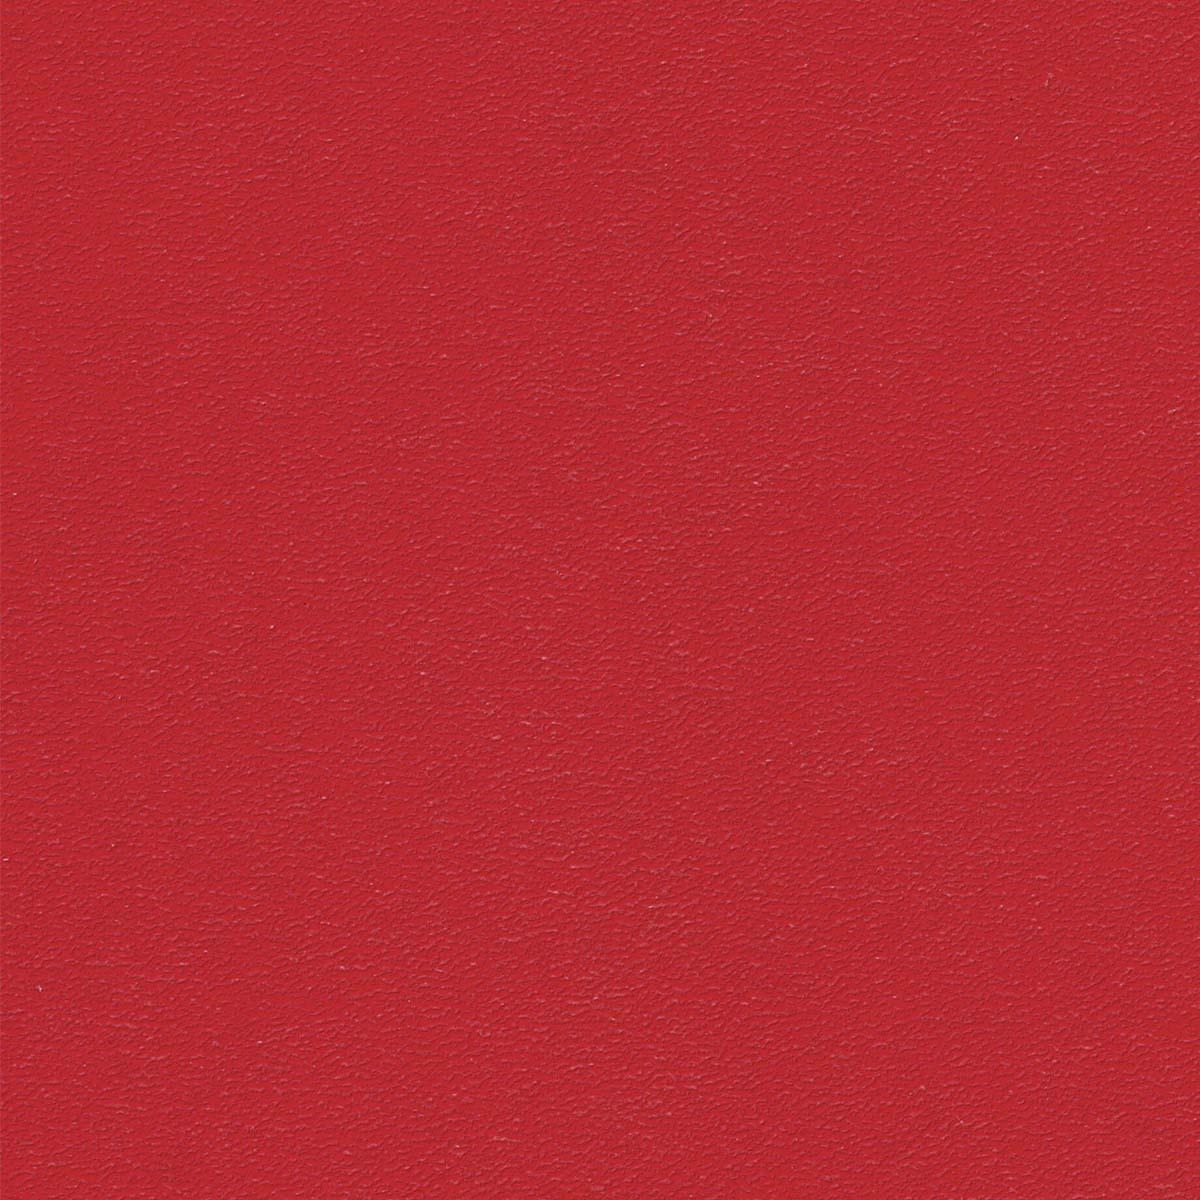 HF1939 VL Red